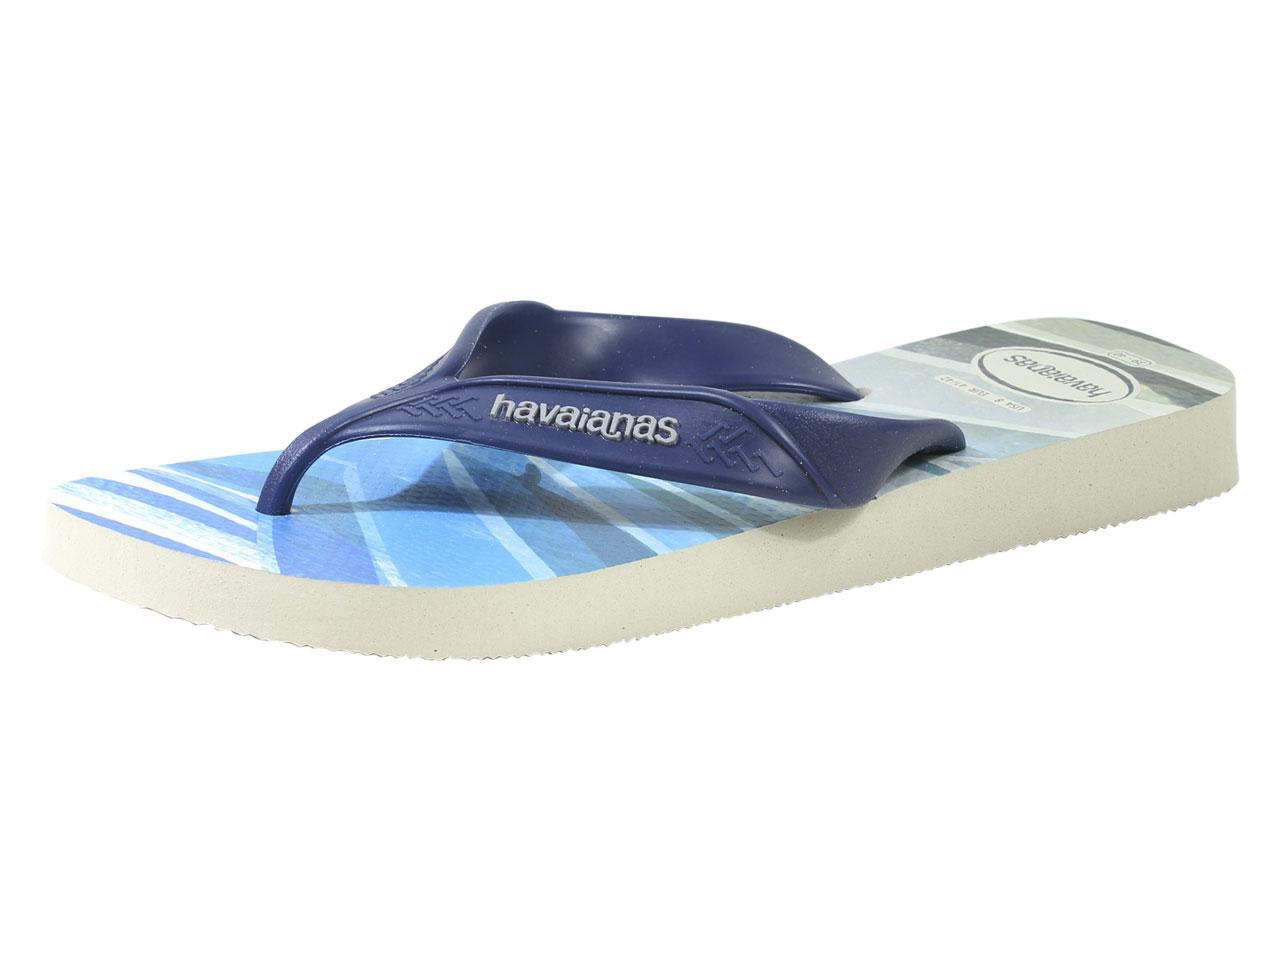 72583c0657eb4 Havaianas Men s Surf Flip Flops Sandals Shoes